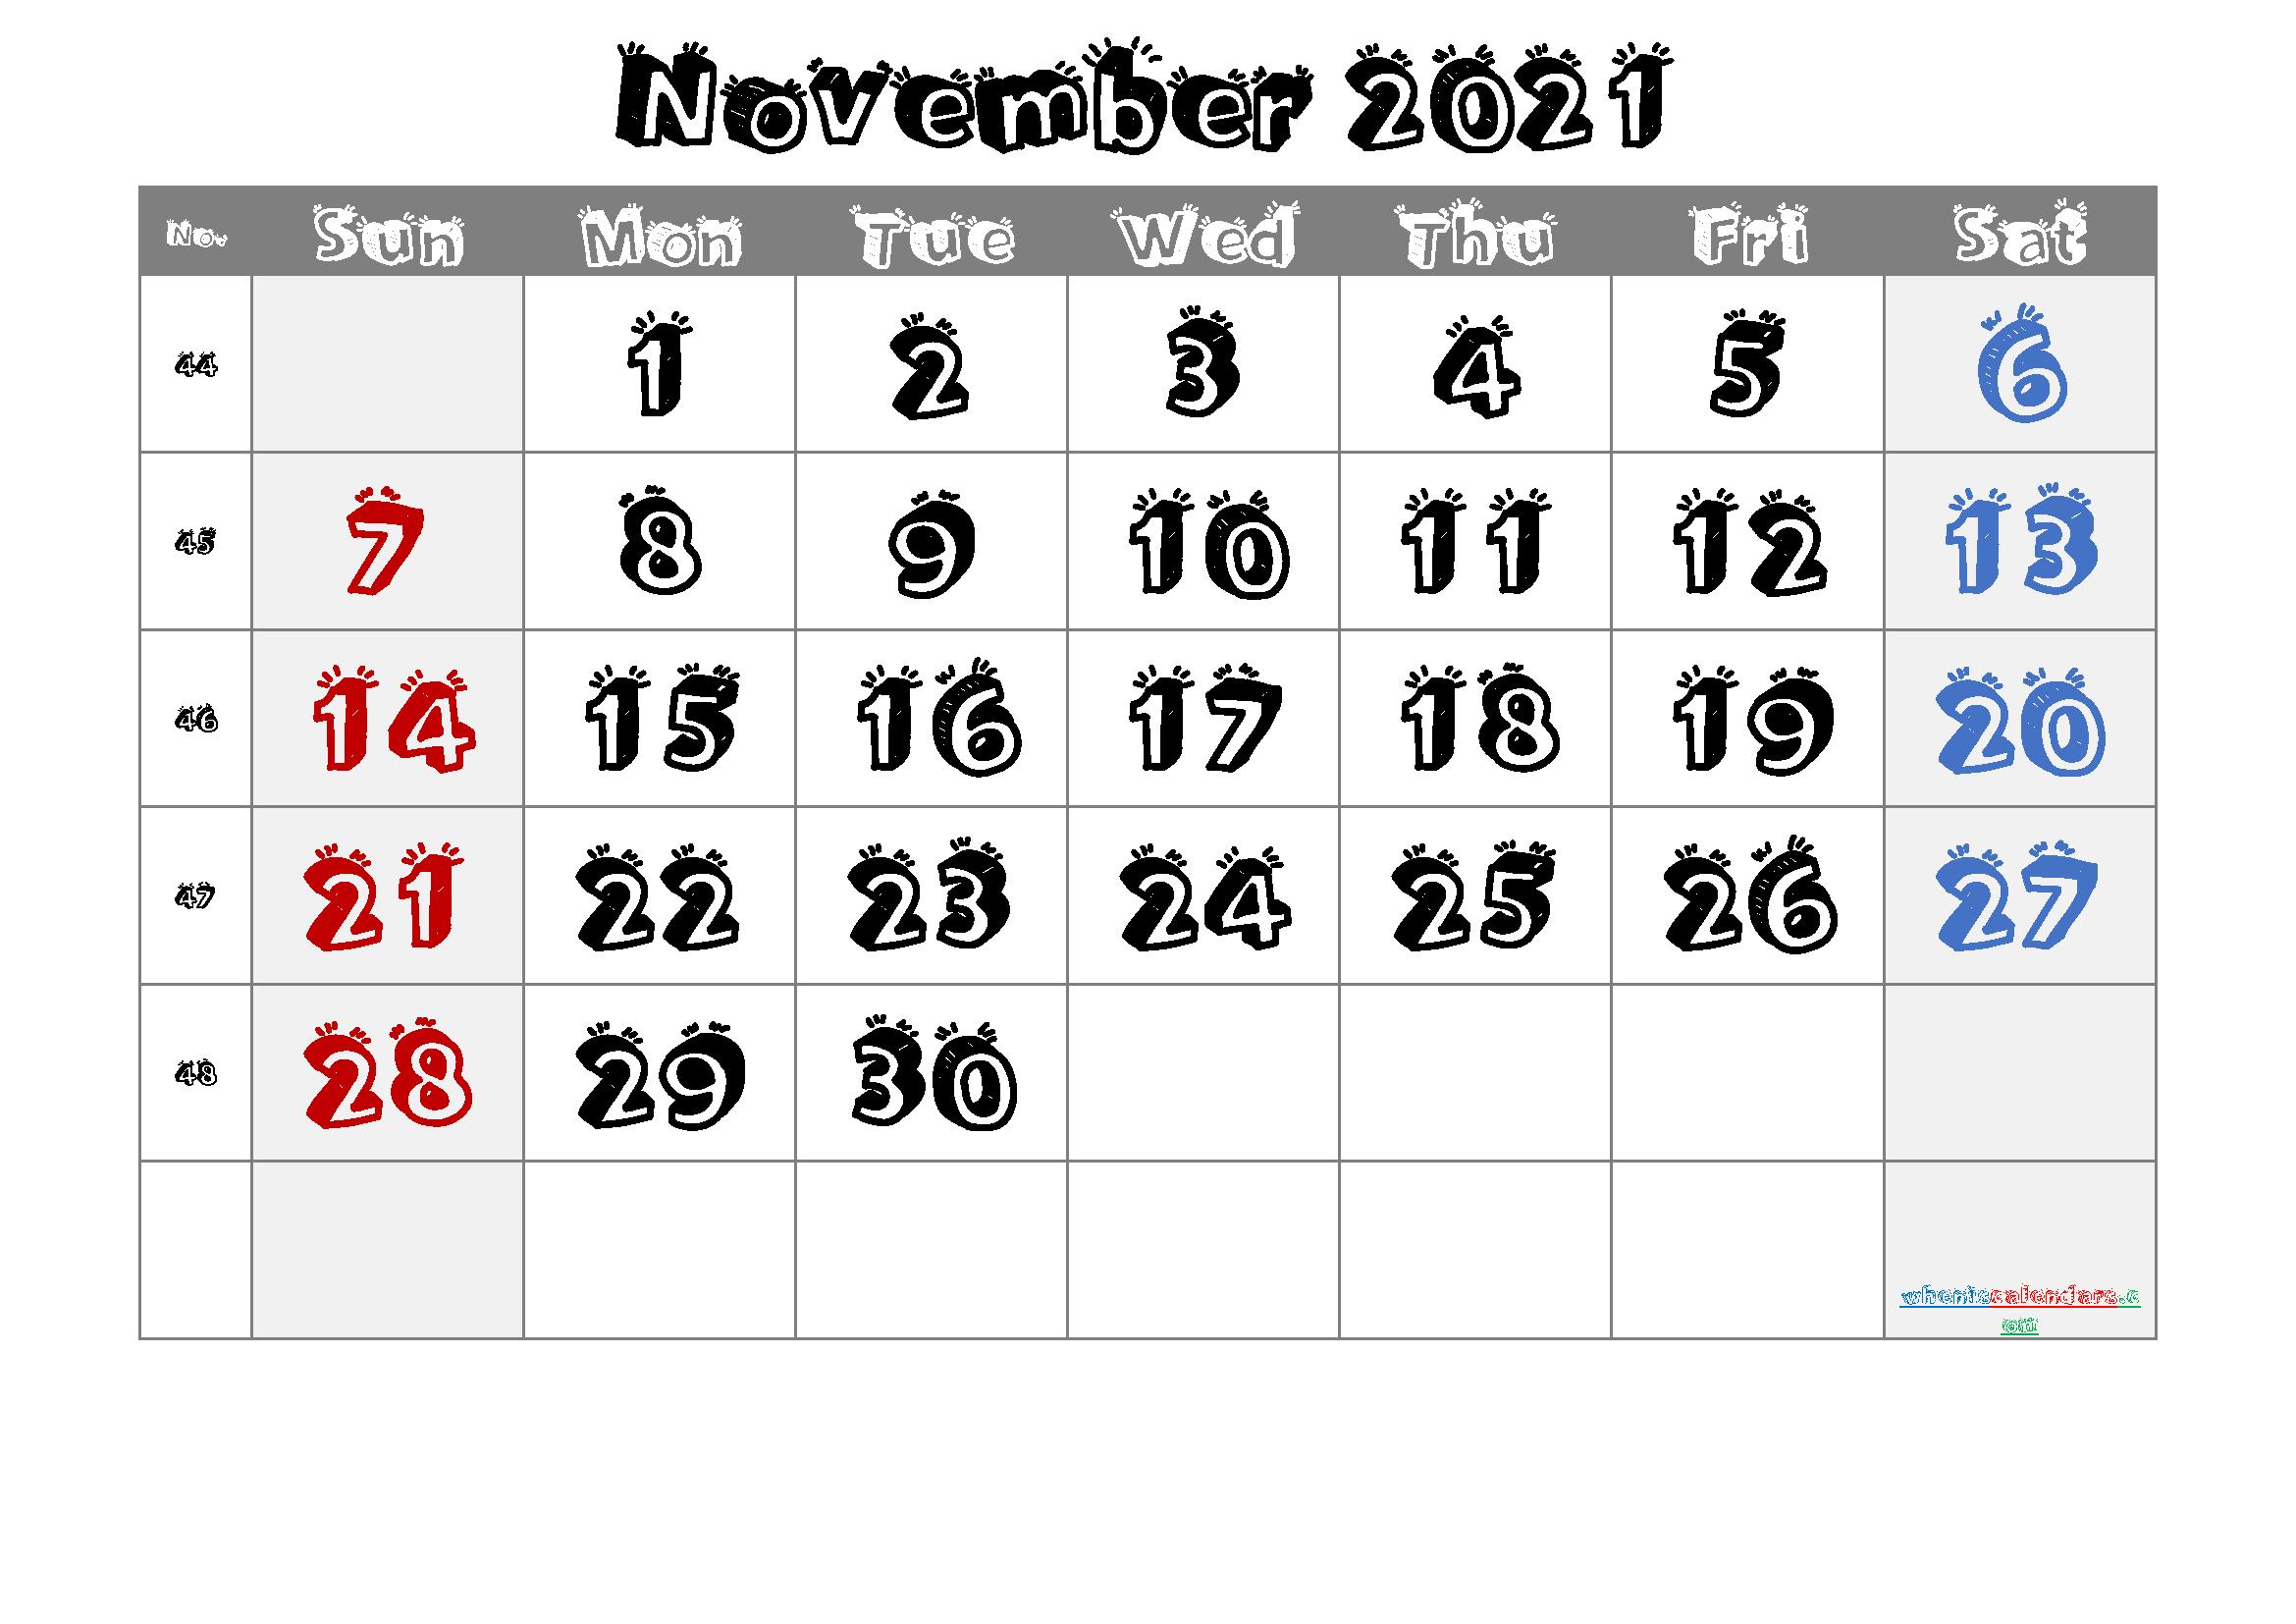 November 2021 Printable Calendar With Week Numbers 6